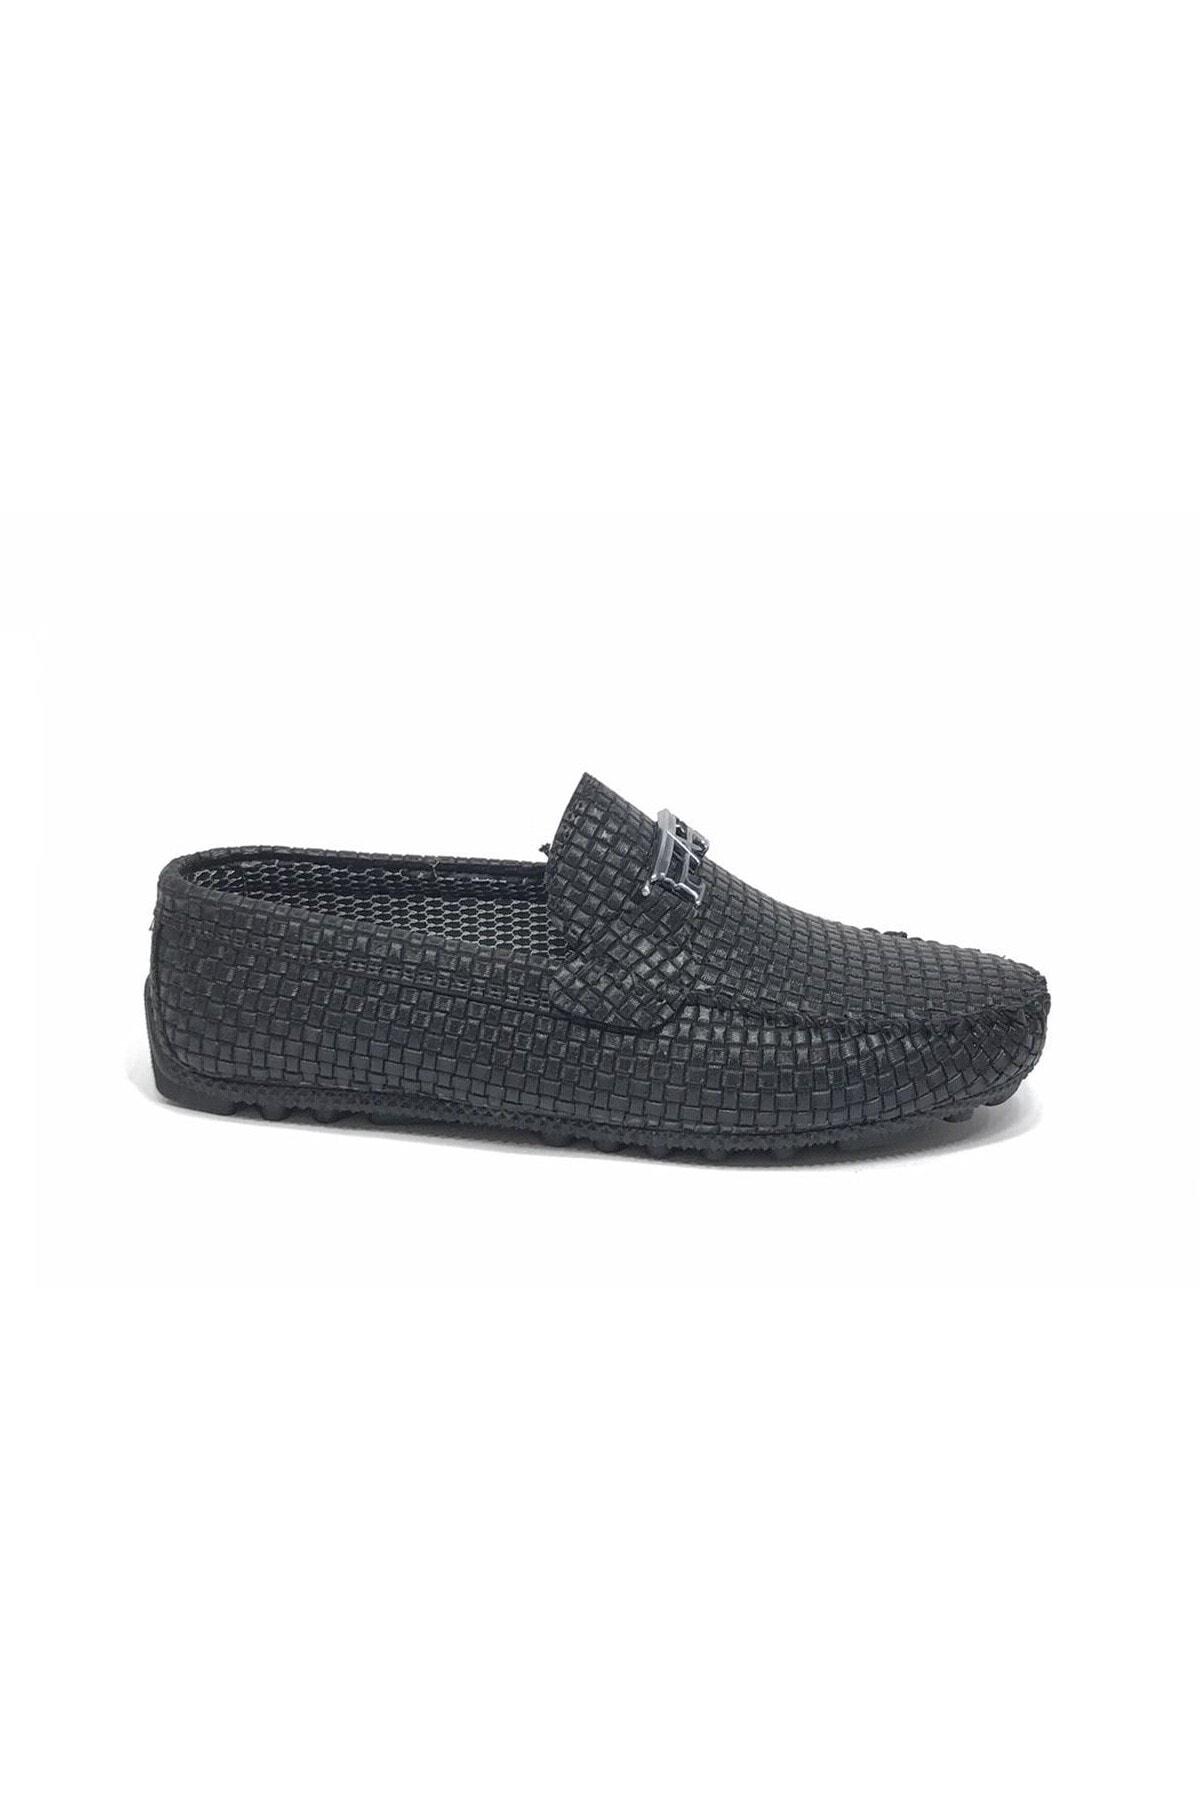 Almera Erkek Babet Ayakkabı 2